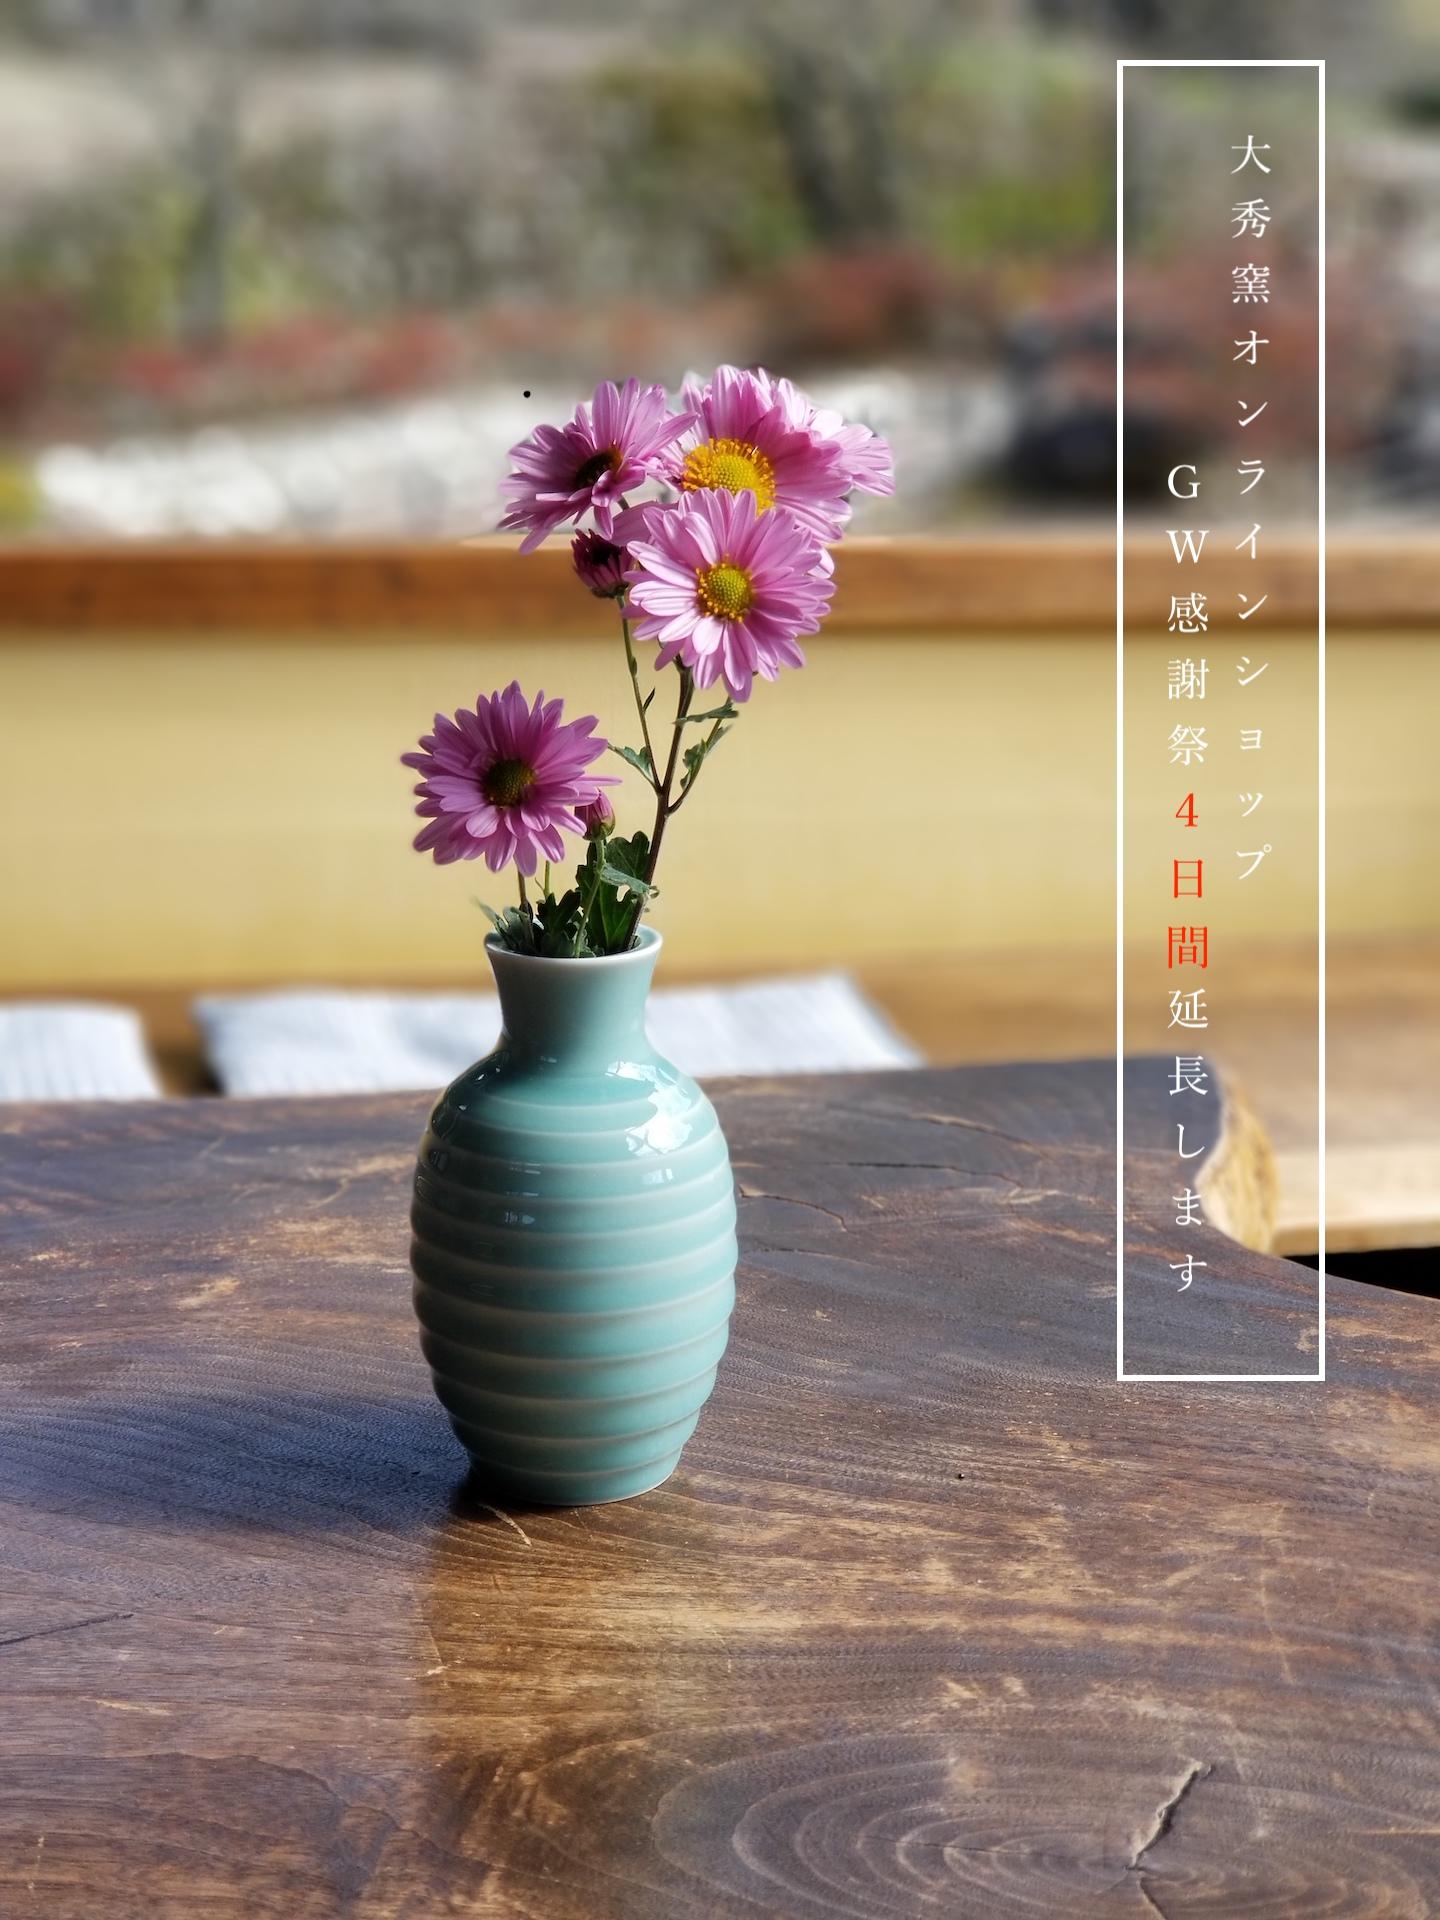 【大秀窯オンラインショップ第4弾企画】GW感謝祭 延長のお知らせ